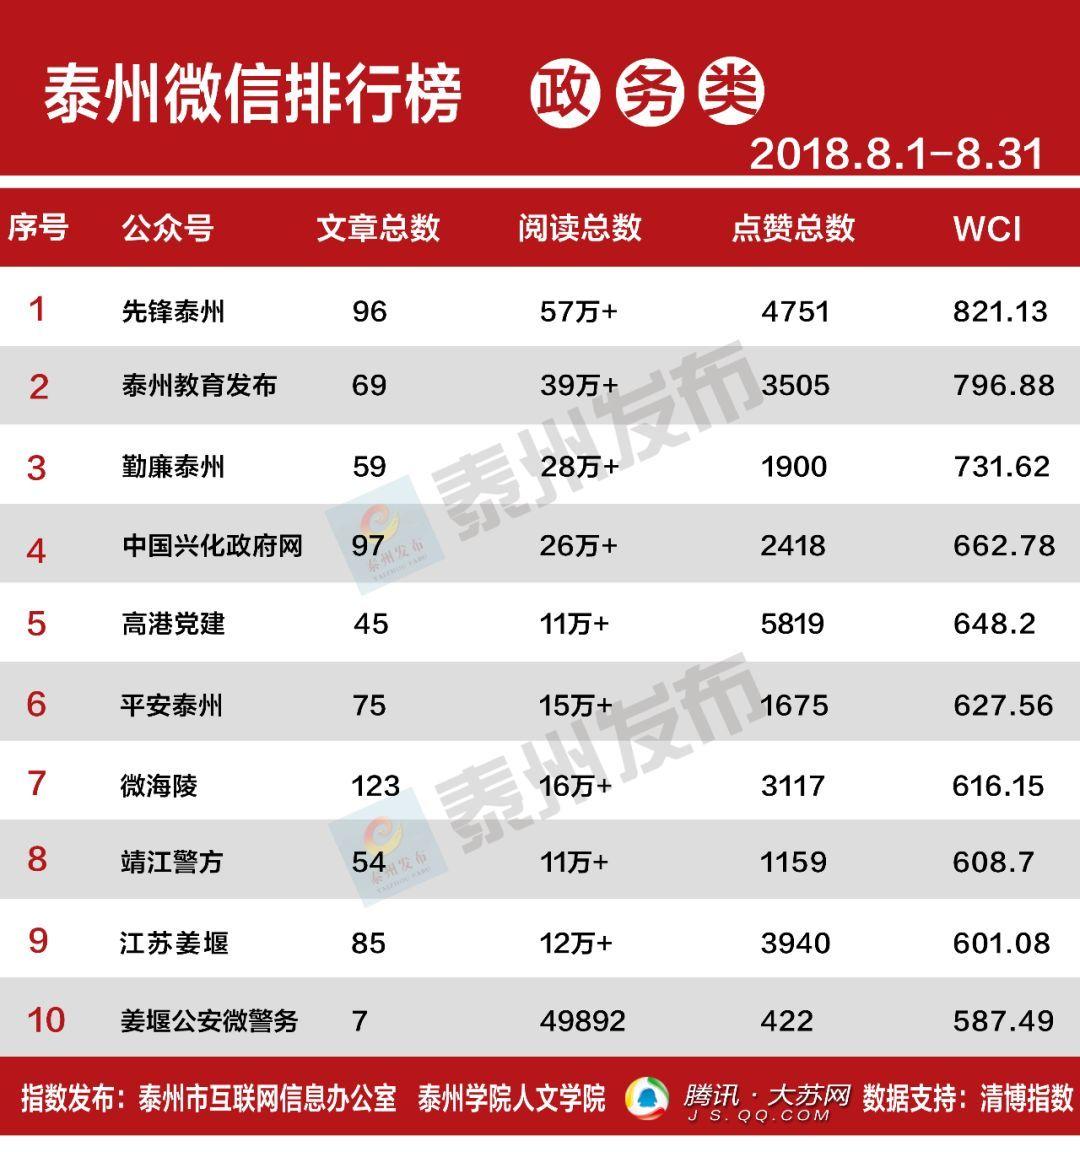 2018好歌排行榜_抖音粉丝排行榜2018 抖音粉丝最多的是谁